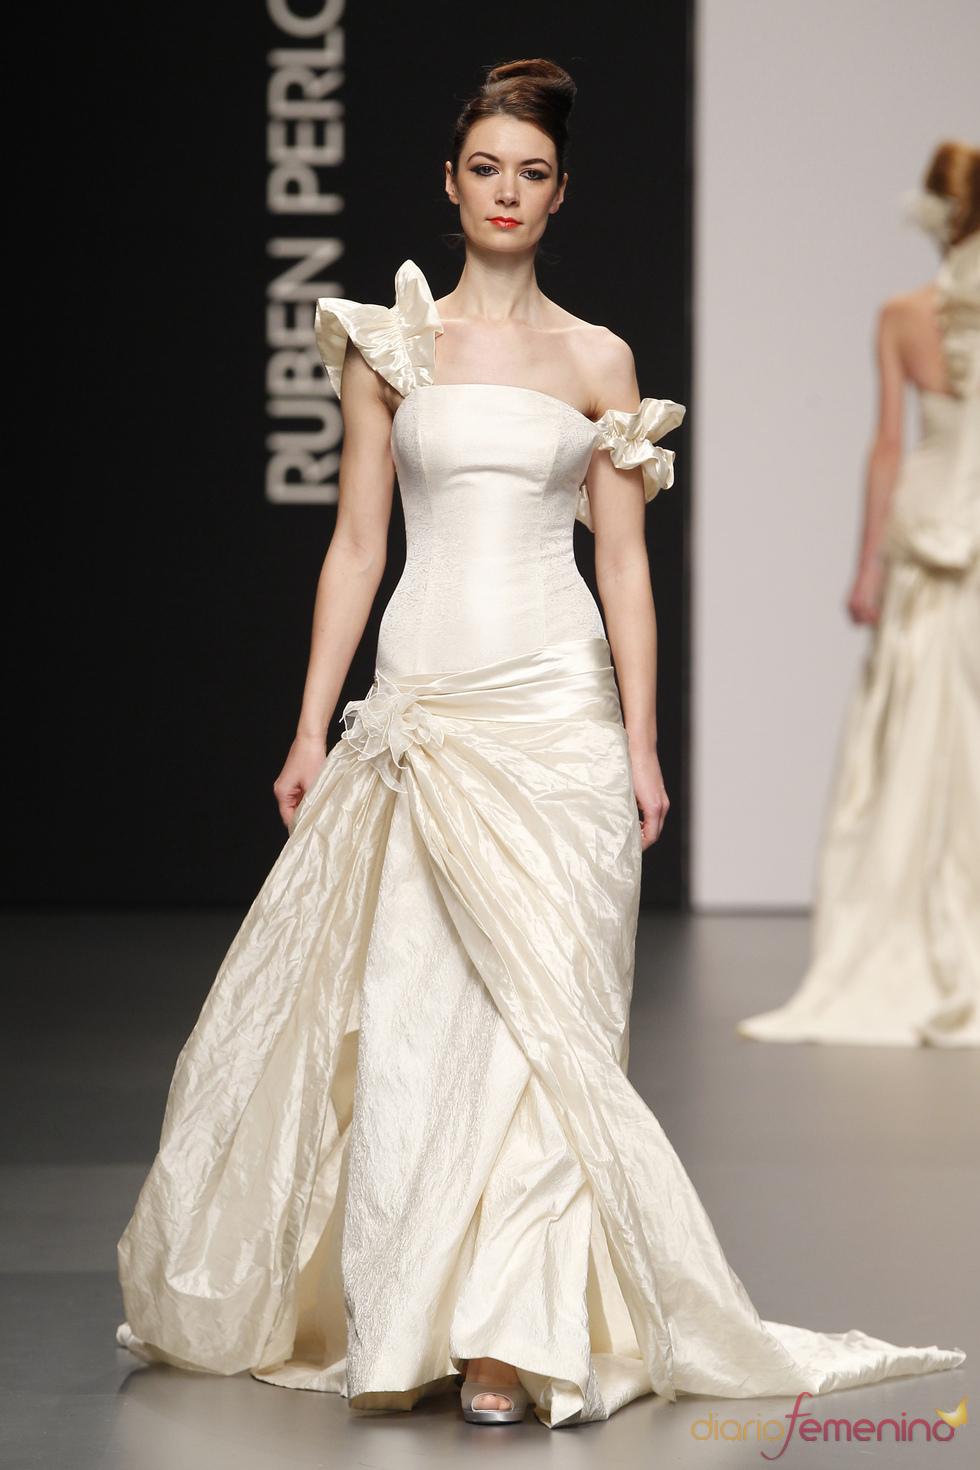 c919773db Rubén Perlotti y sus vestidos de novia